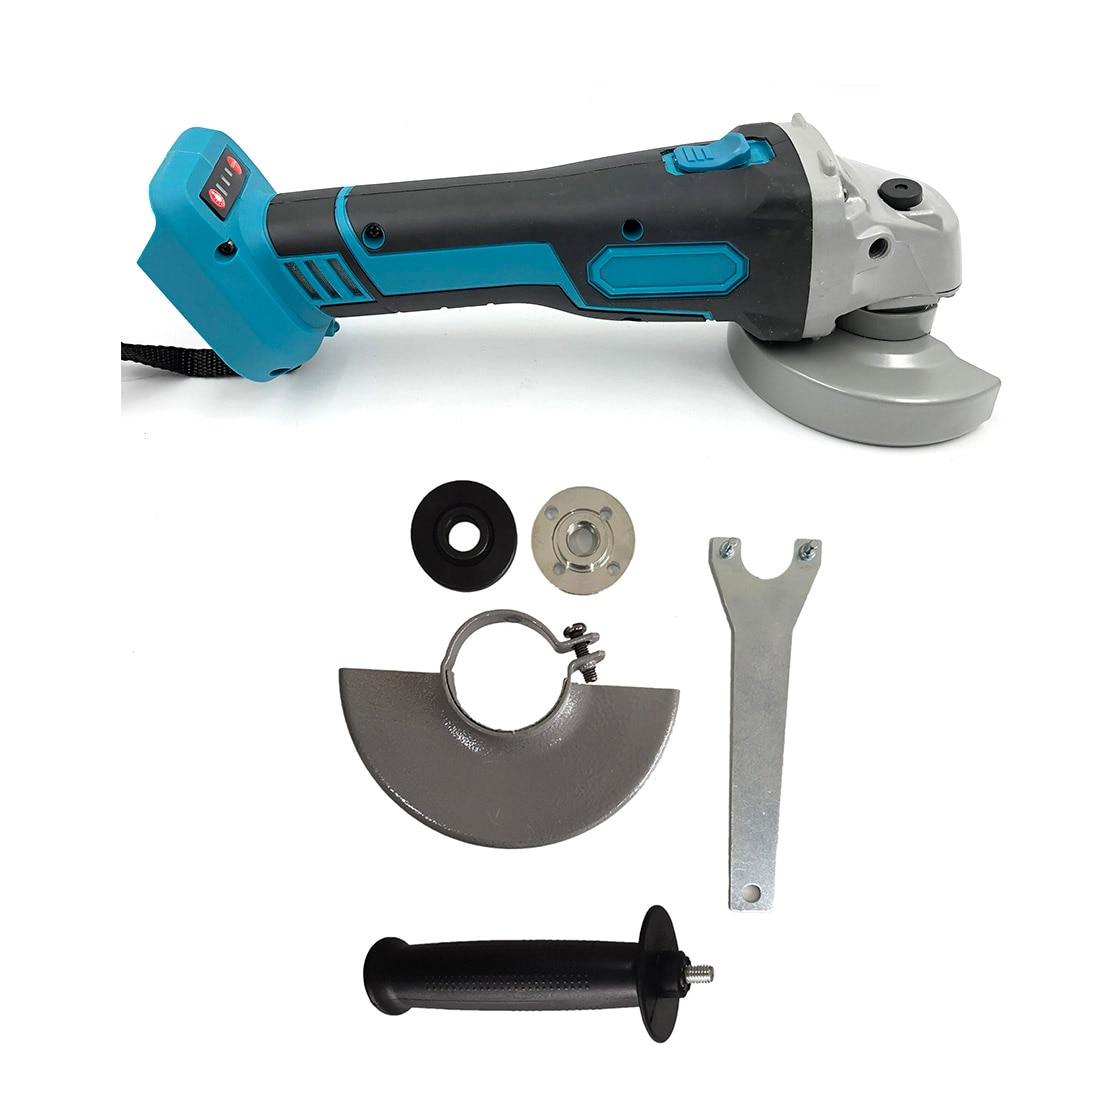 Corpo sem escova sem fio do moedor de ângulo nenhuma bateria para makita 18-21 v brandnew e de alta qualidade